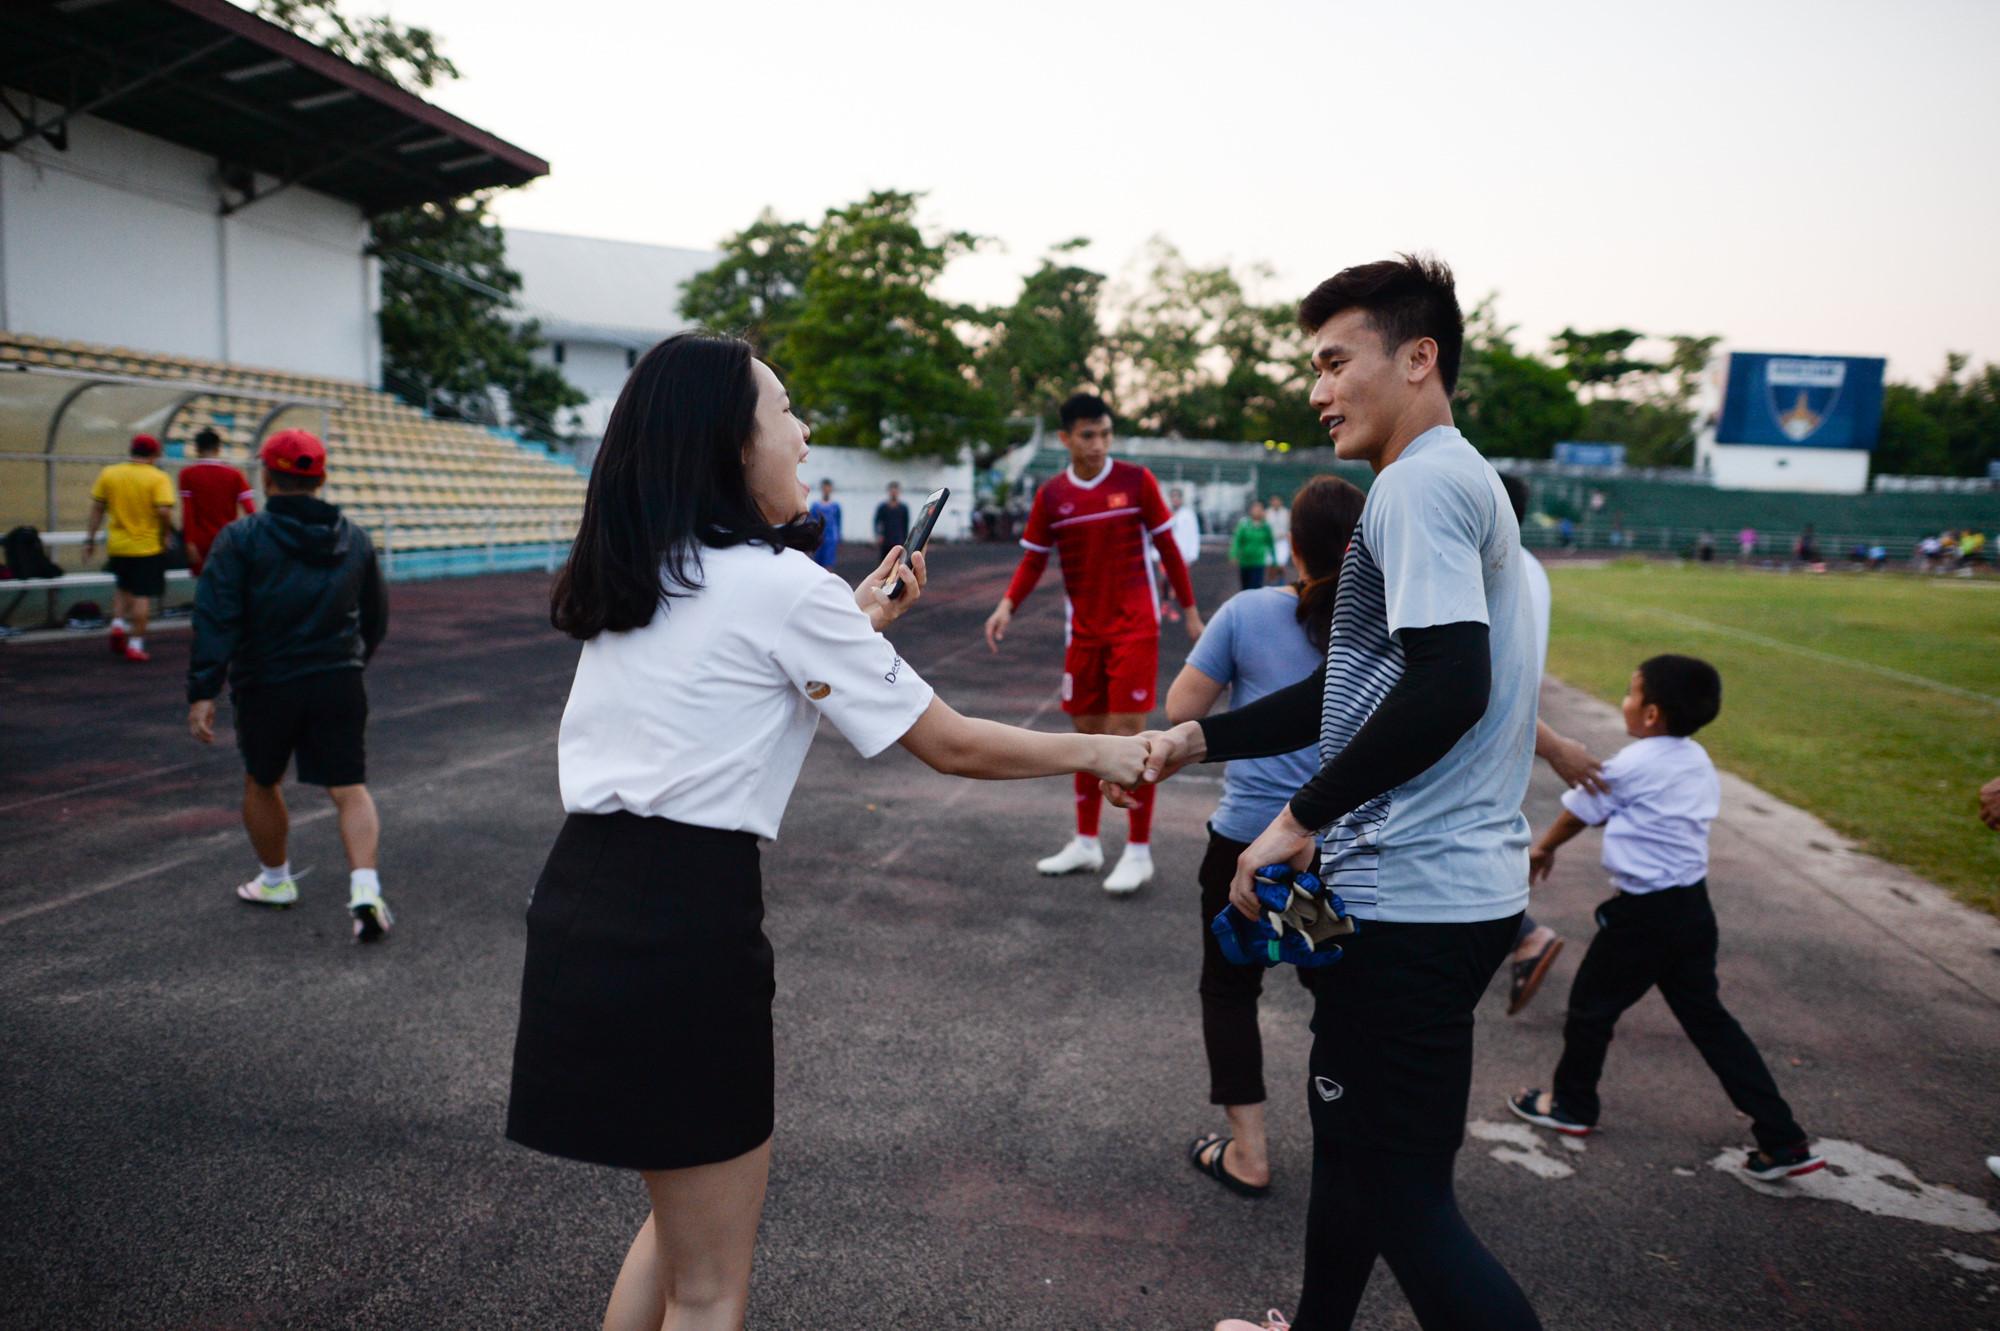 Tuyển Việt Nam tập chung sân với người dân đi tập thể dục Ảnh 11